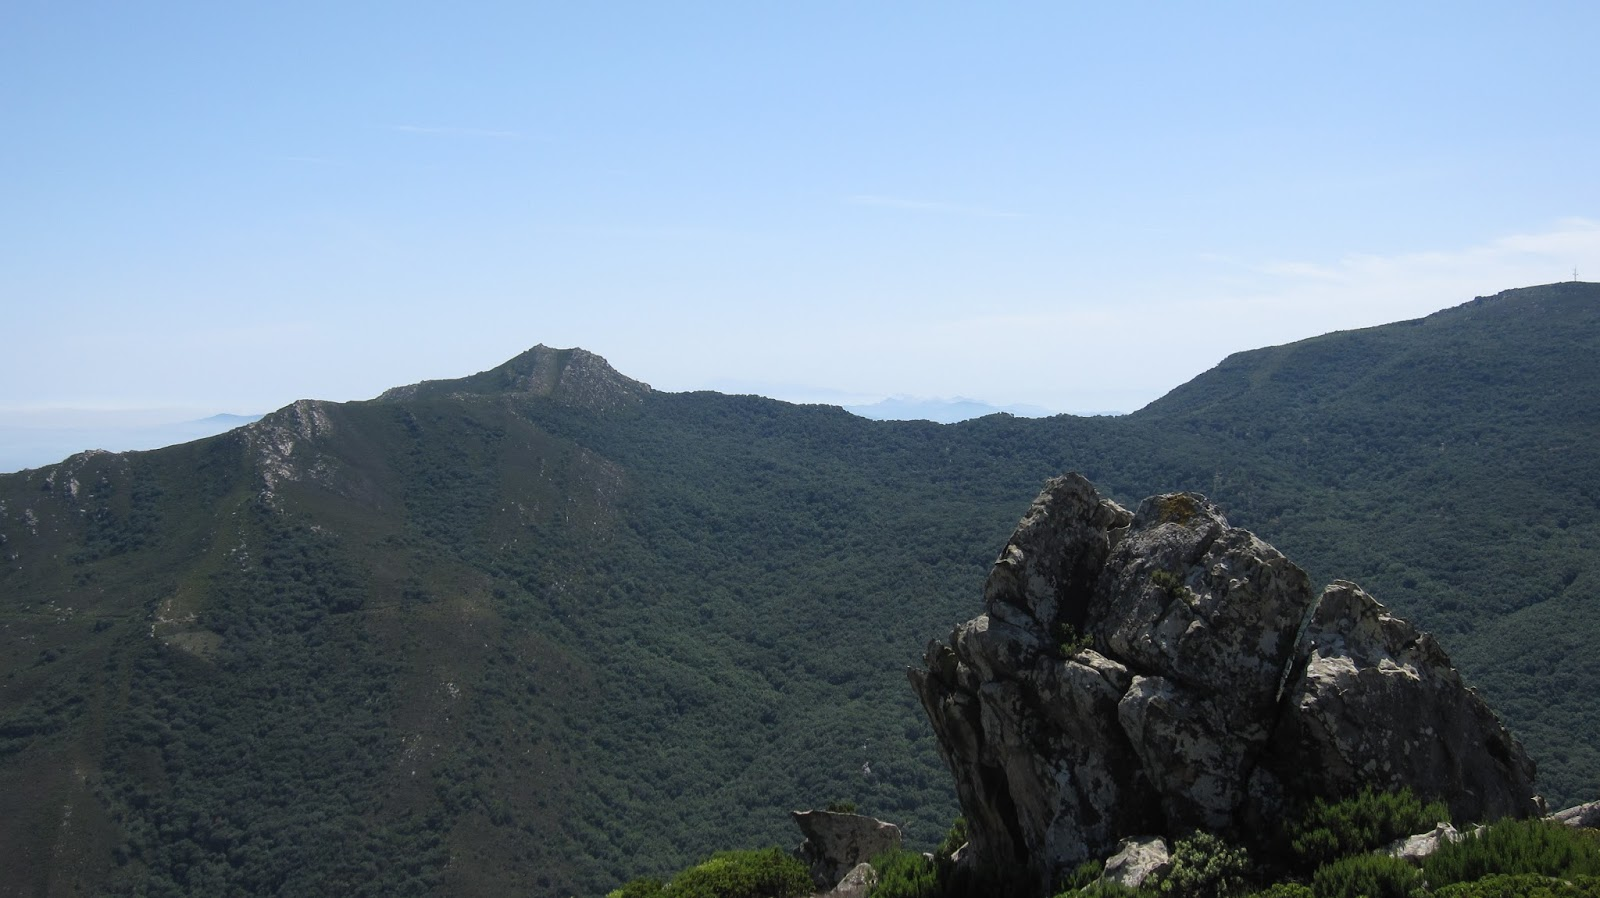 Nudismo en el campo de gibraltar turismo de naturaleza en for Paginas de nudismo